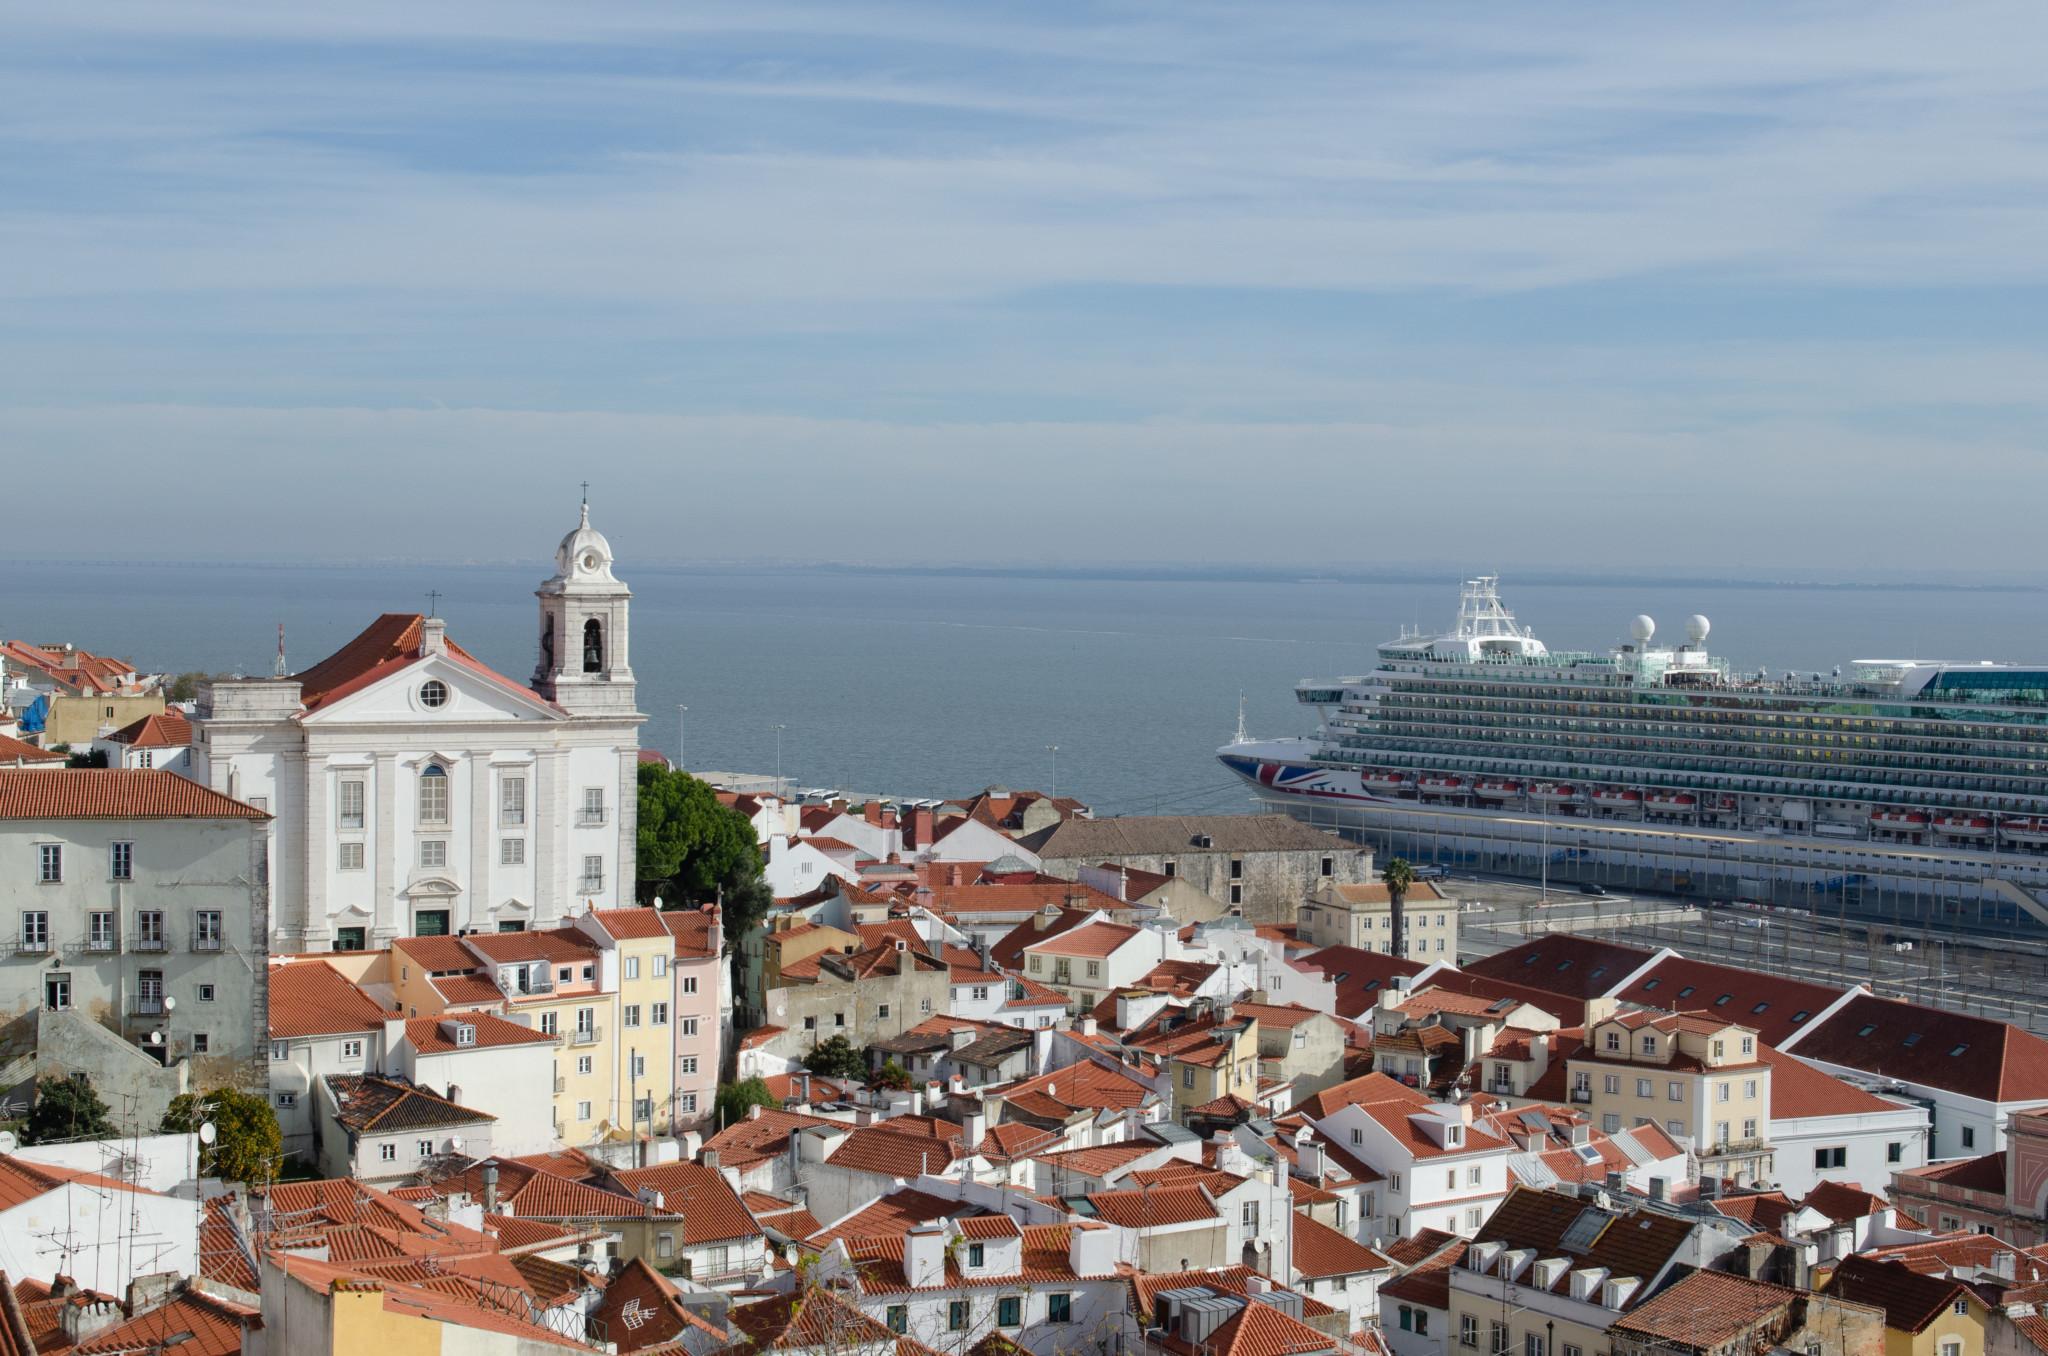 Aussichtspunkte in Lissabon